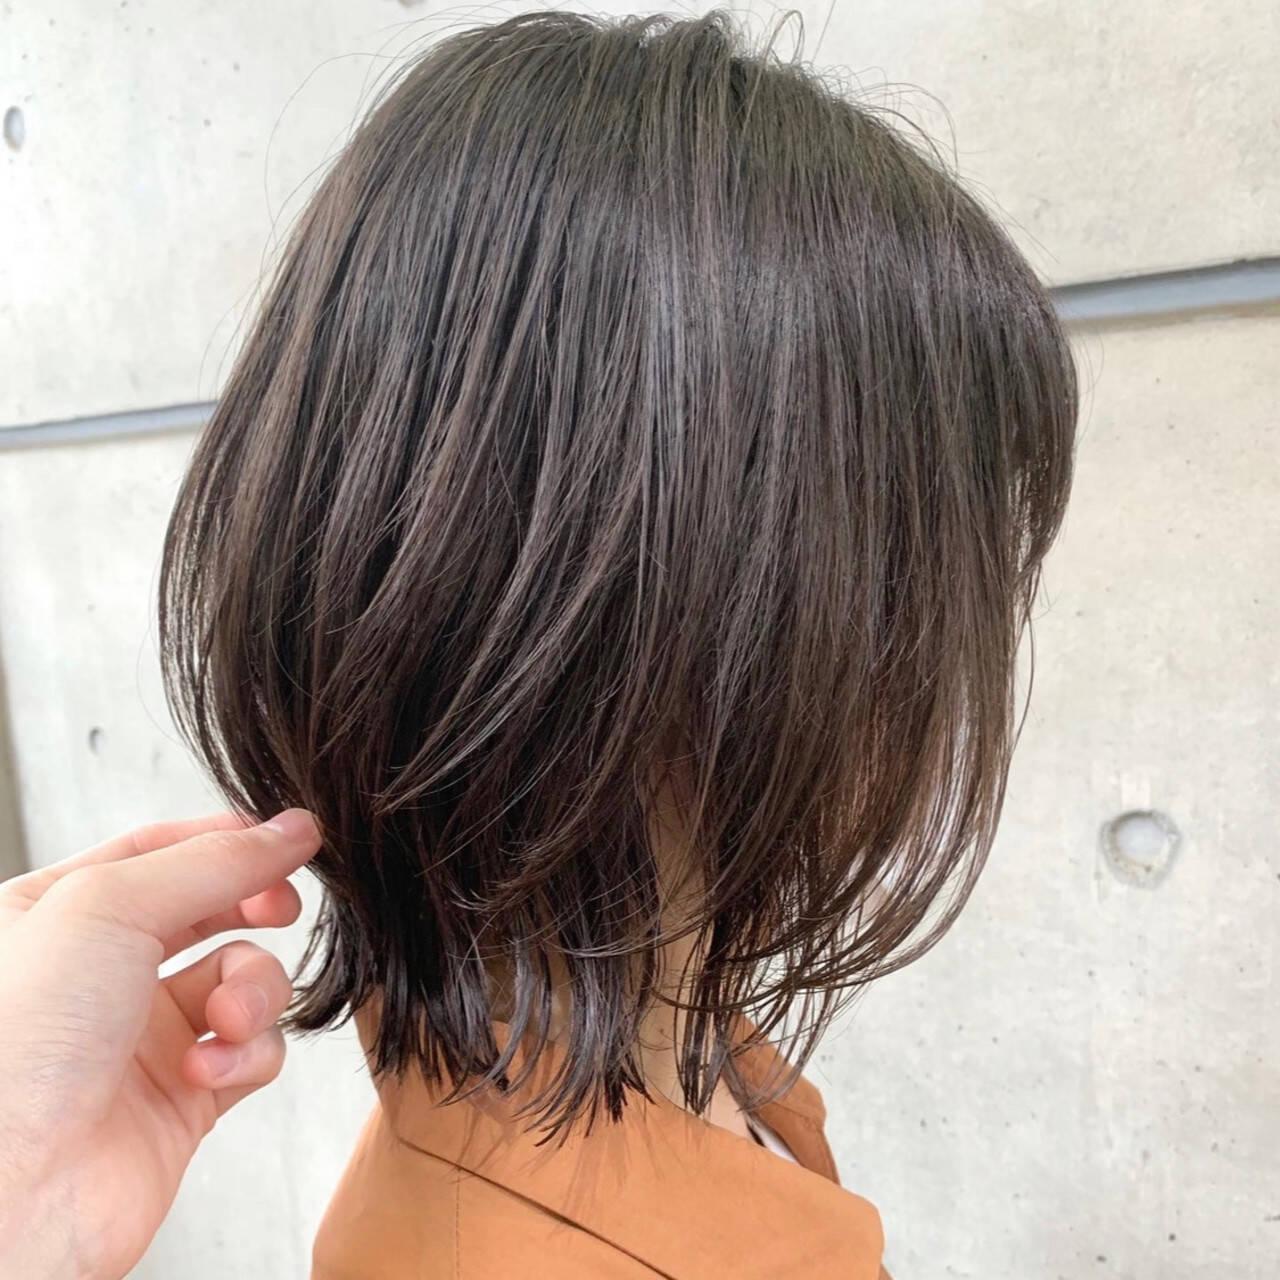 ボブウルフ ボブ ウルフカット ナチュラルヘアスタイルや髪型の写真・画像